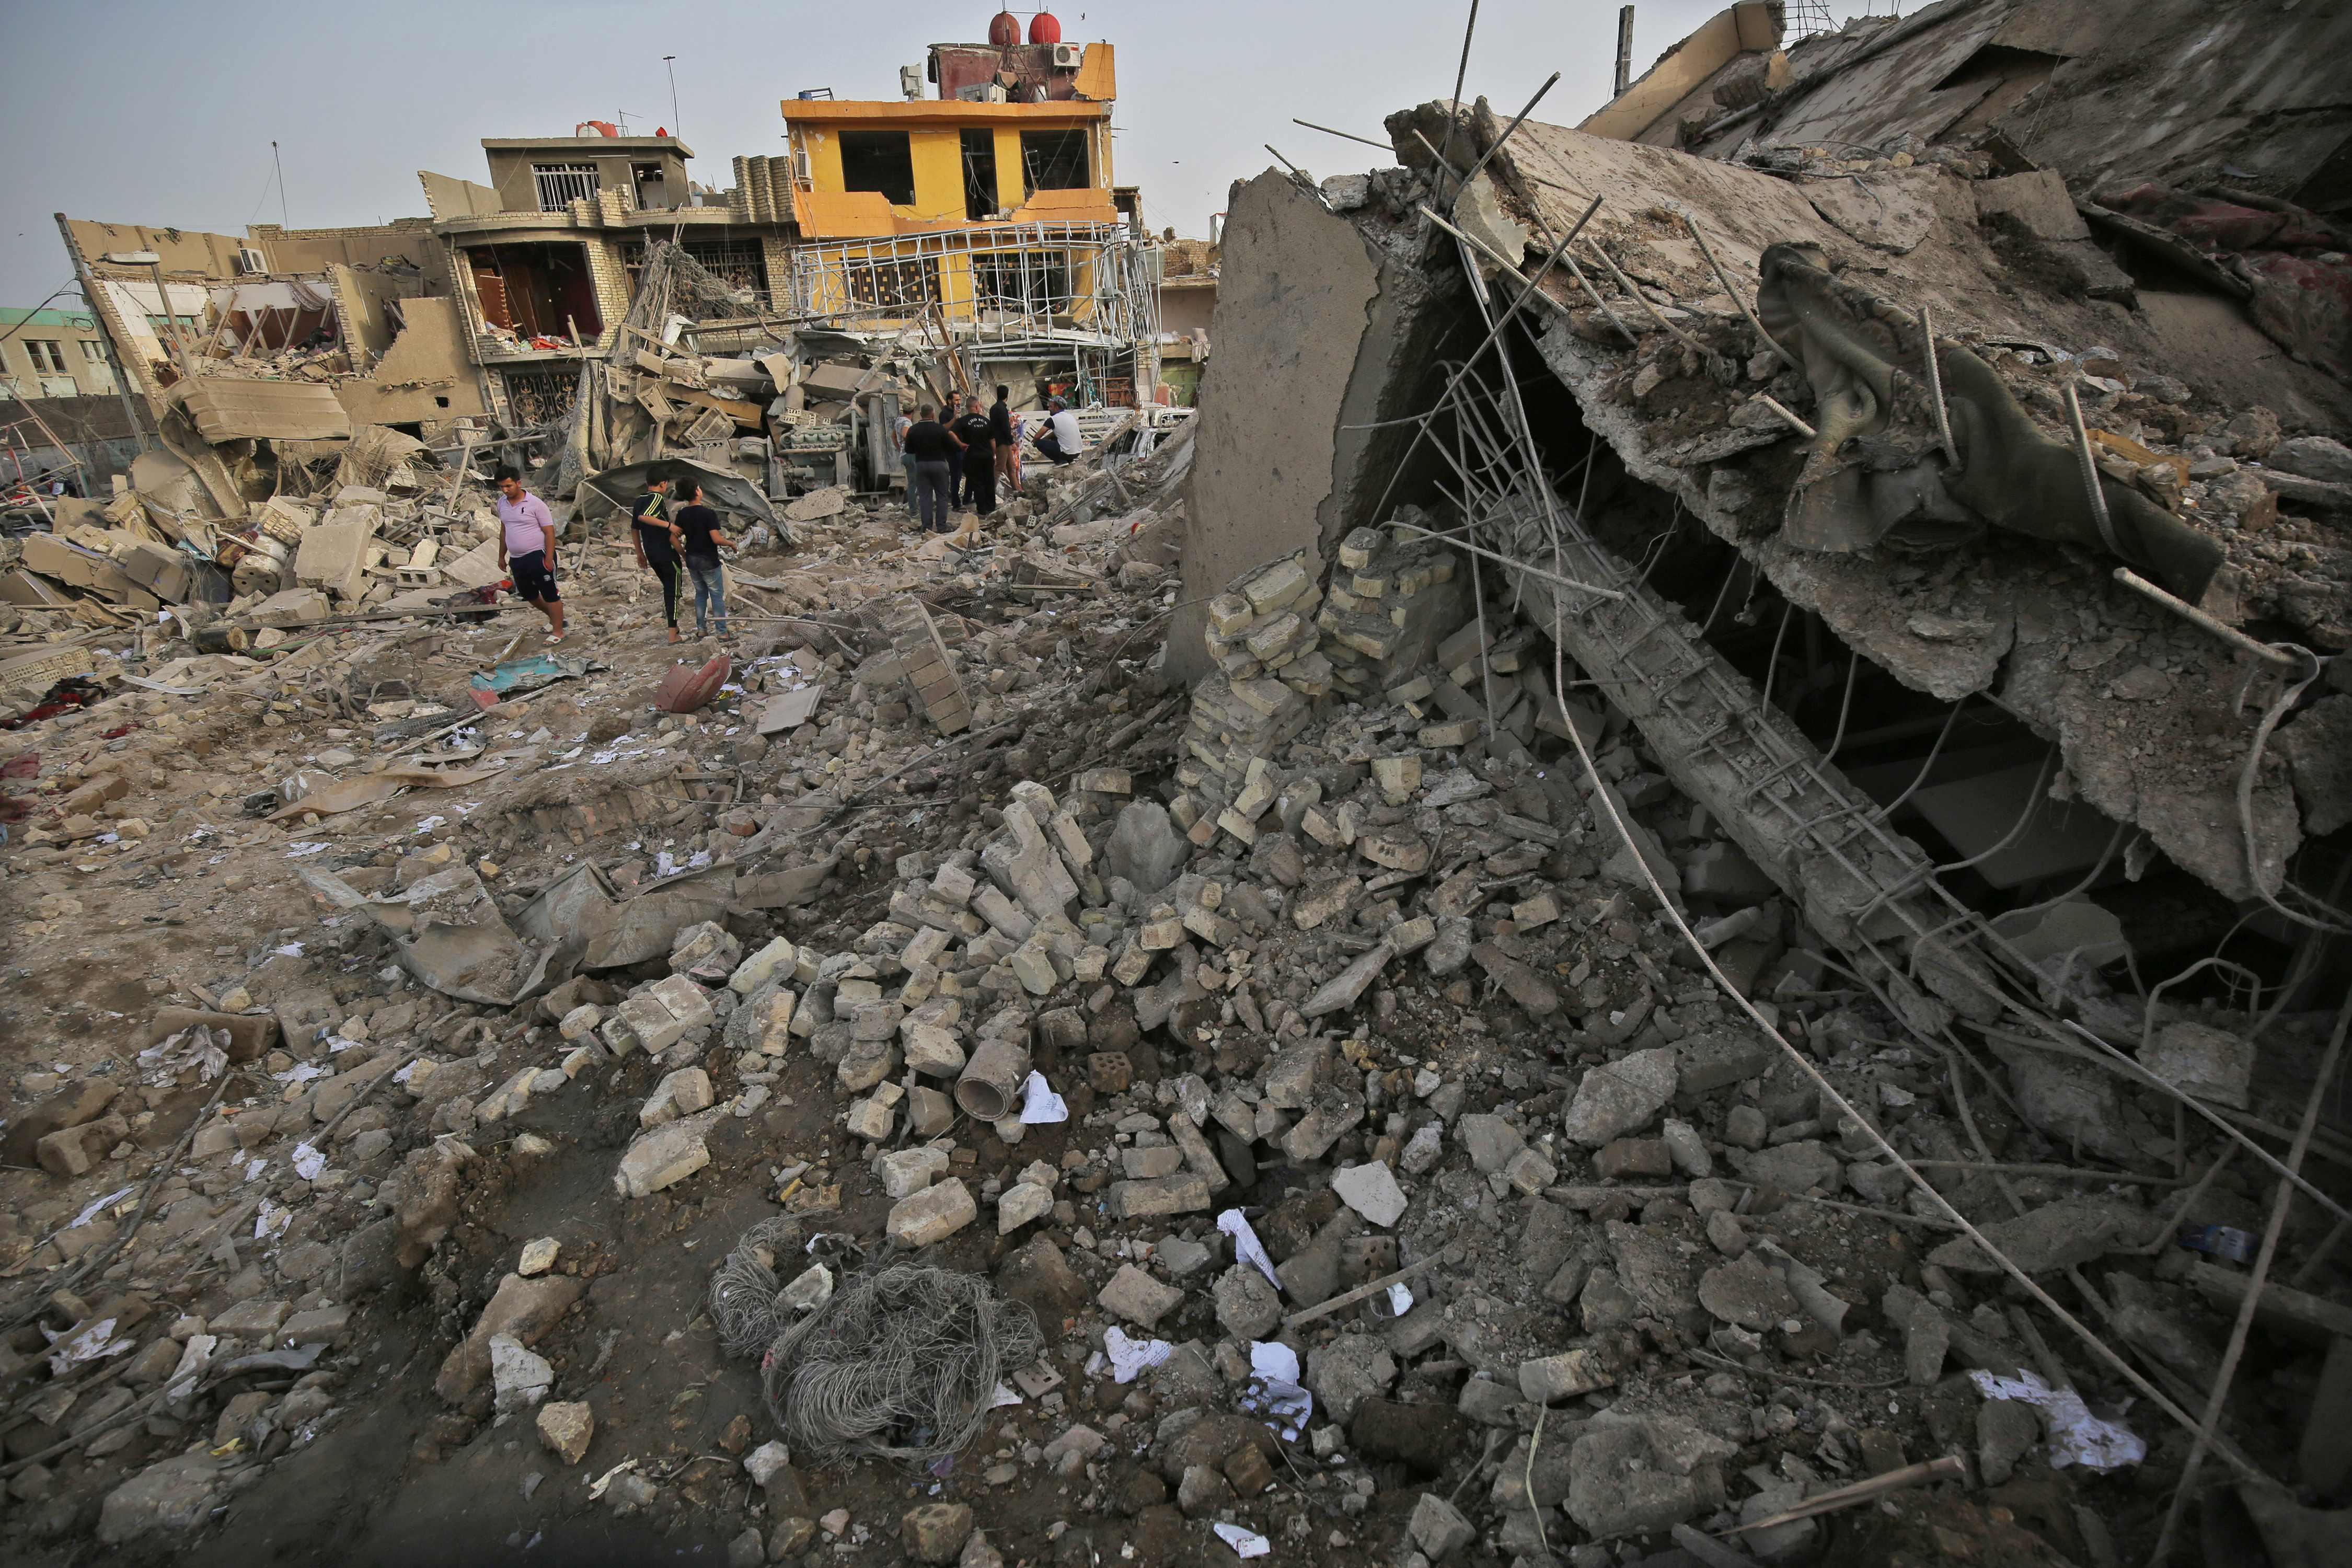 تفجير مستودع الأسلحة بمدينة الصدر العراقية